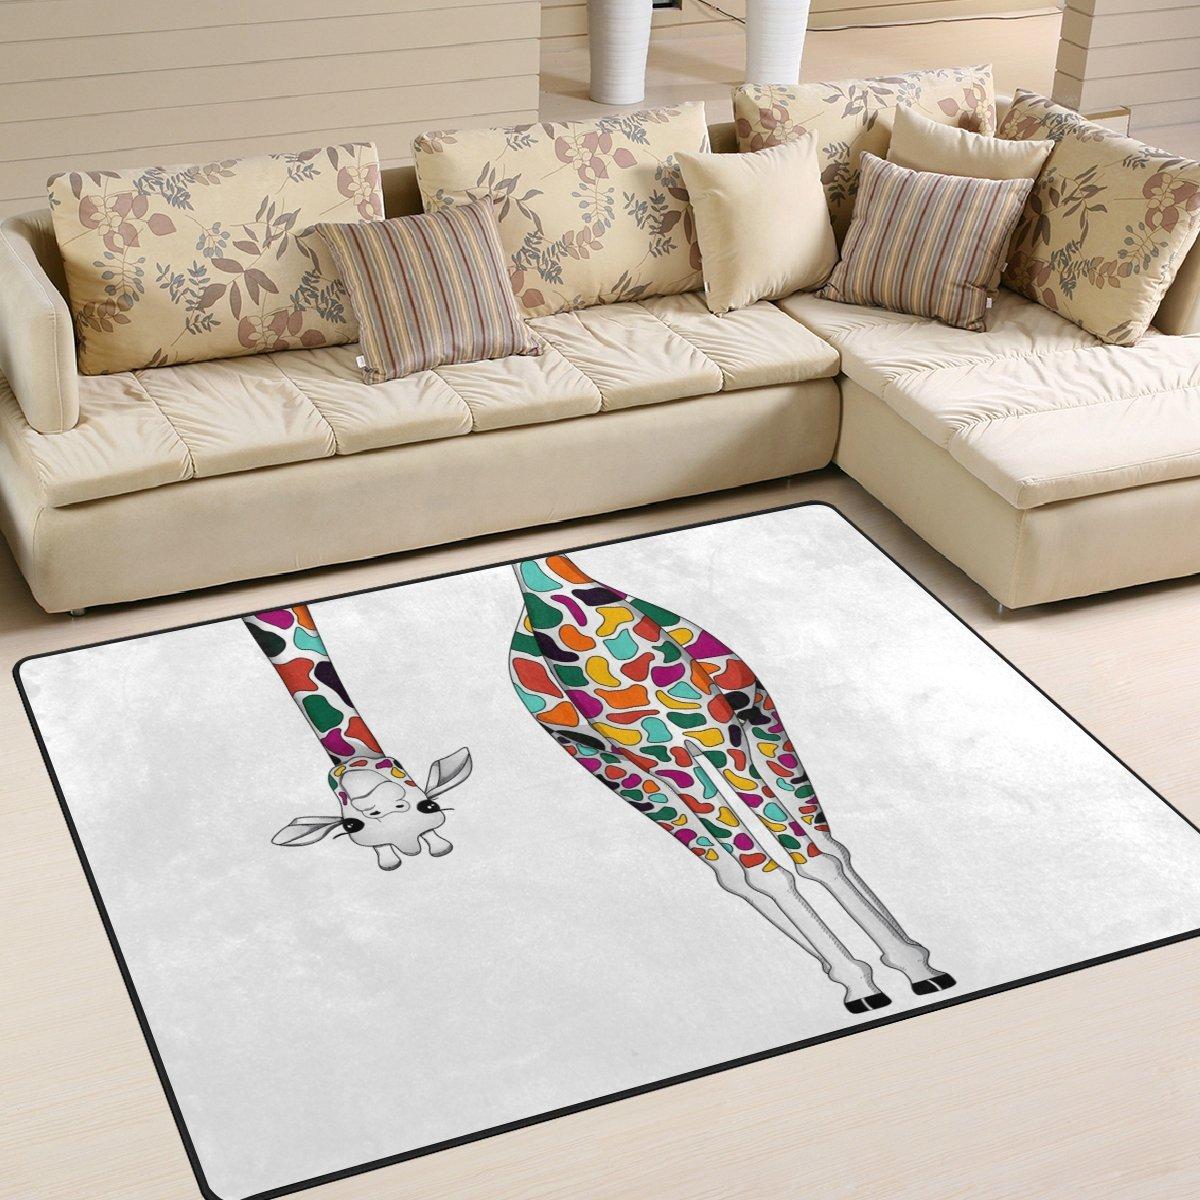 Naanle Farbeful Giraffe Kunst, Malerei, rutschfest, Bereich Teppich für Dinning Wohnzimmer Schlafzimmer Küche, 50 x 80 cm (7 x 2,6 m), lustige Tiere Kinderzimmer-Teppich Boden Teppich Yoga-Matte, multi, 150 x 200 cm(5' x 7')